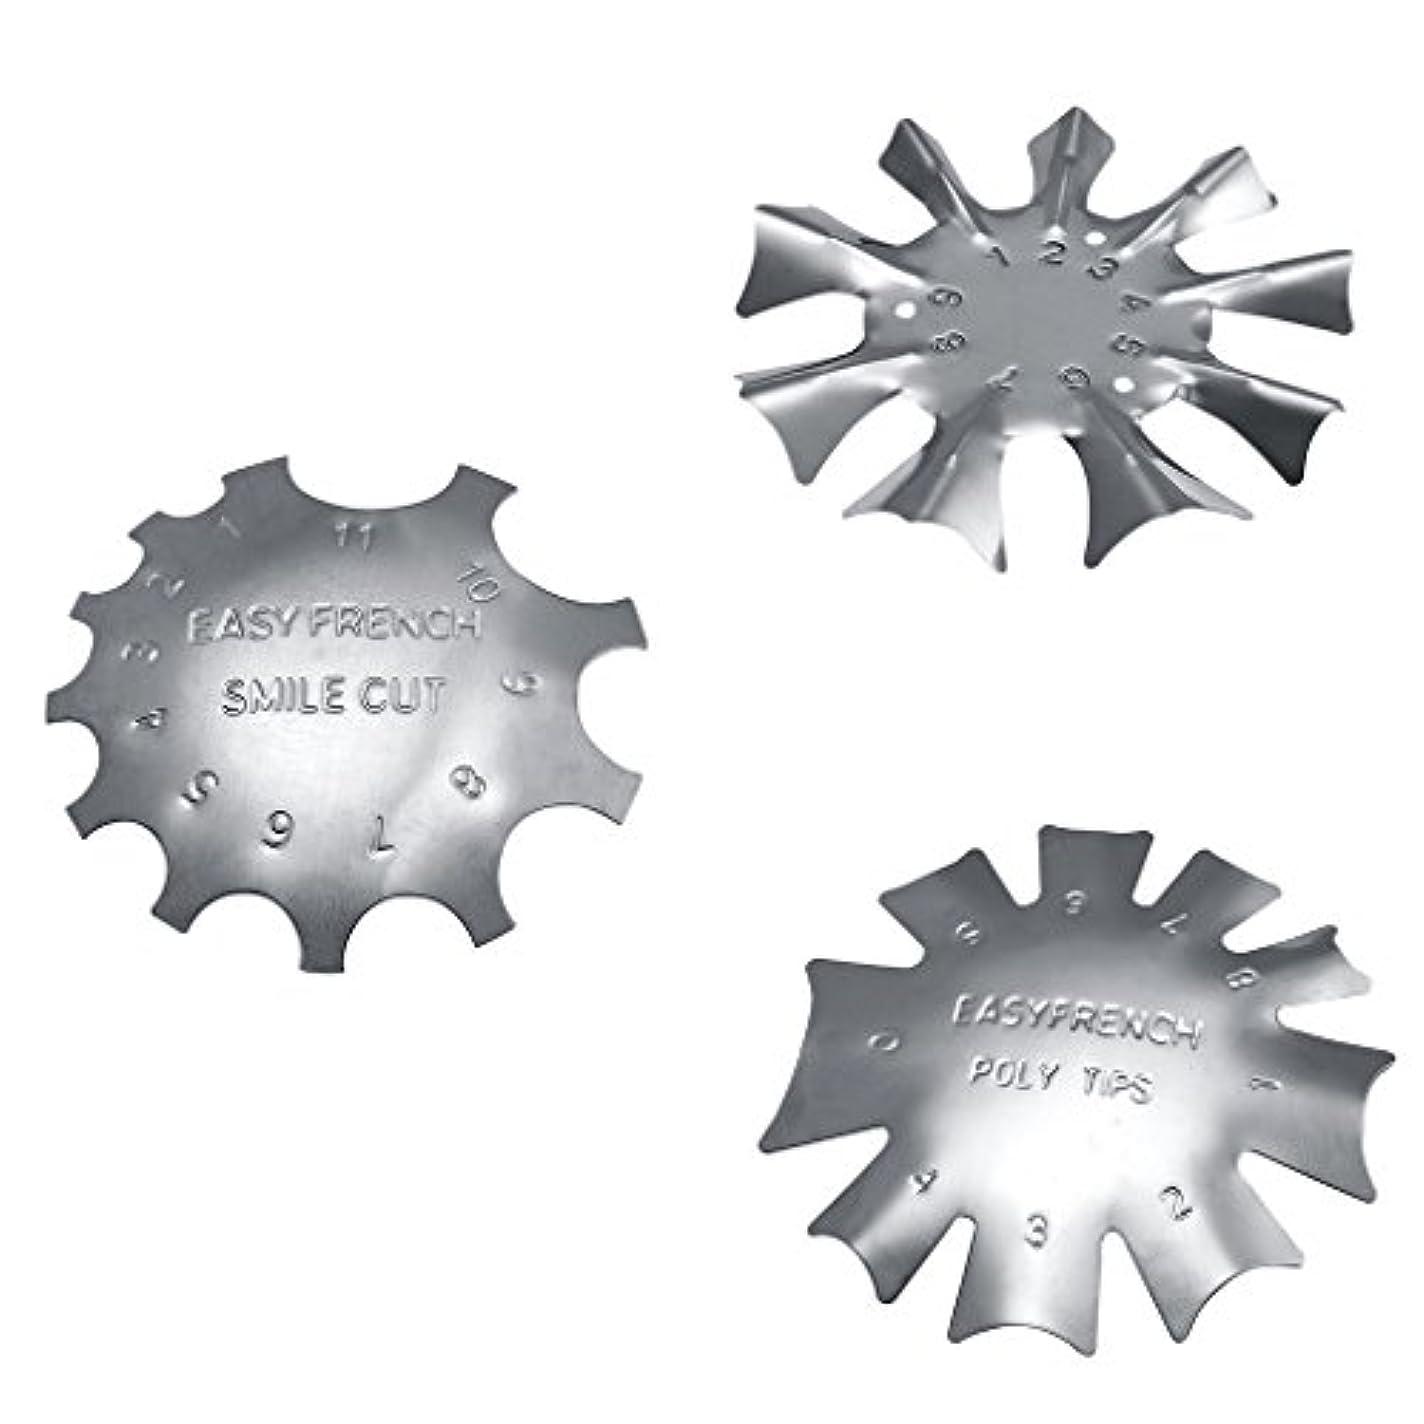 領域整理するミントPerfk フランス風 ネイルガイドツール 3タイプセット ネイルアート カットライントリマー 金属 ネイルテンプレート